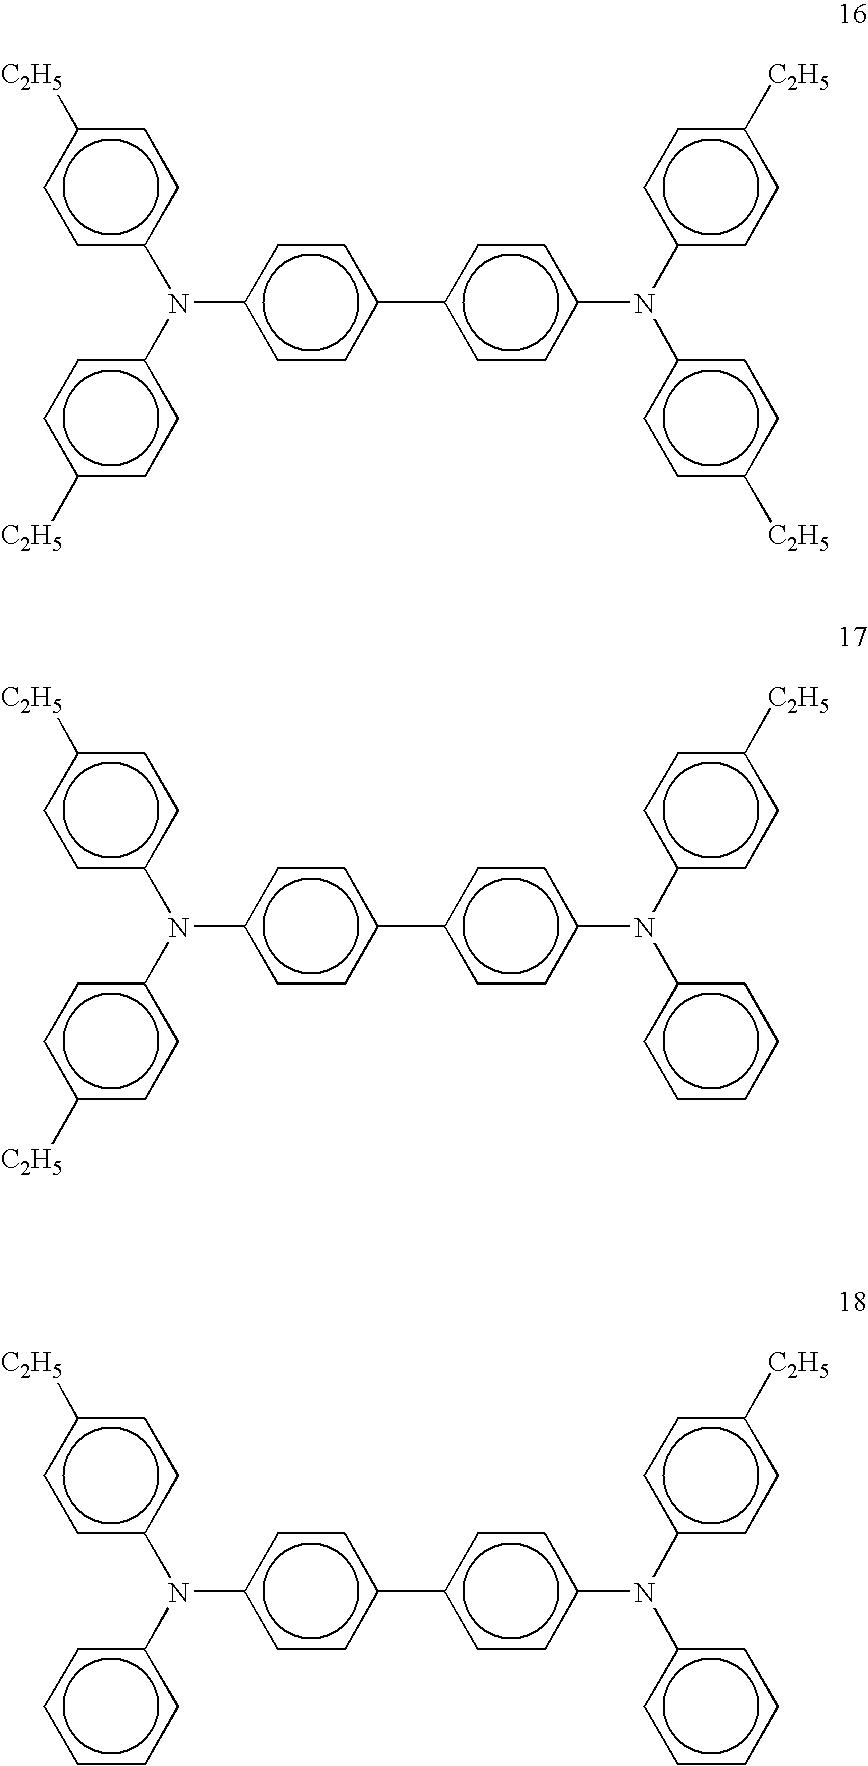 Figure US20040105614A1-20040603-C00007